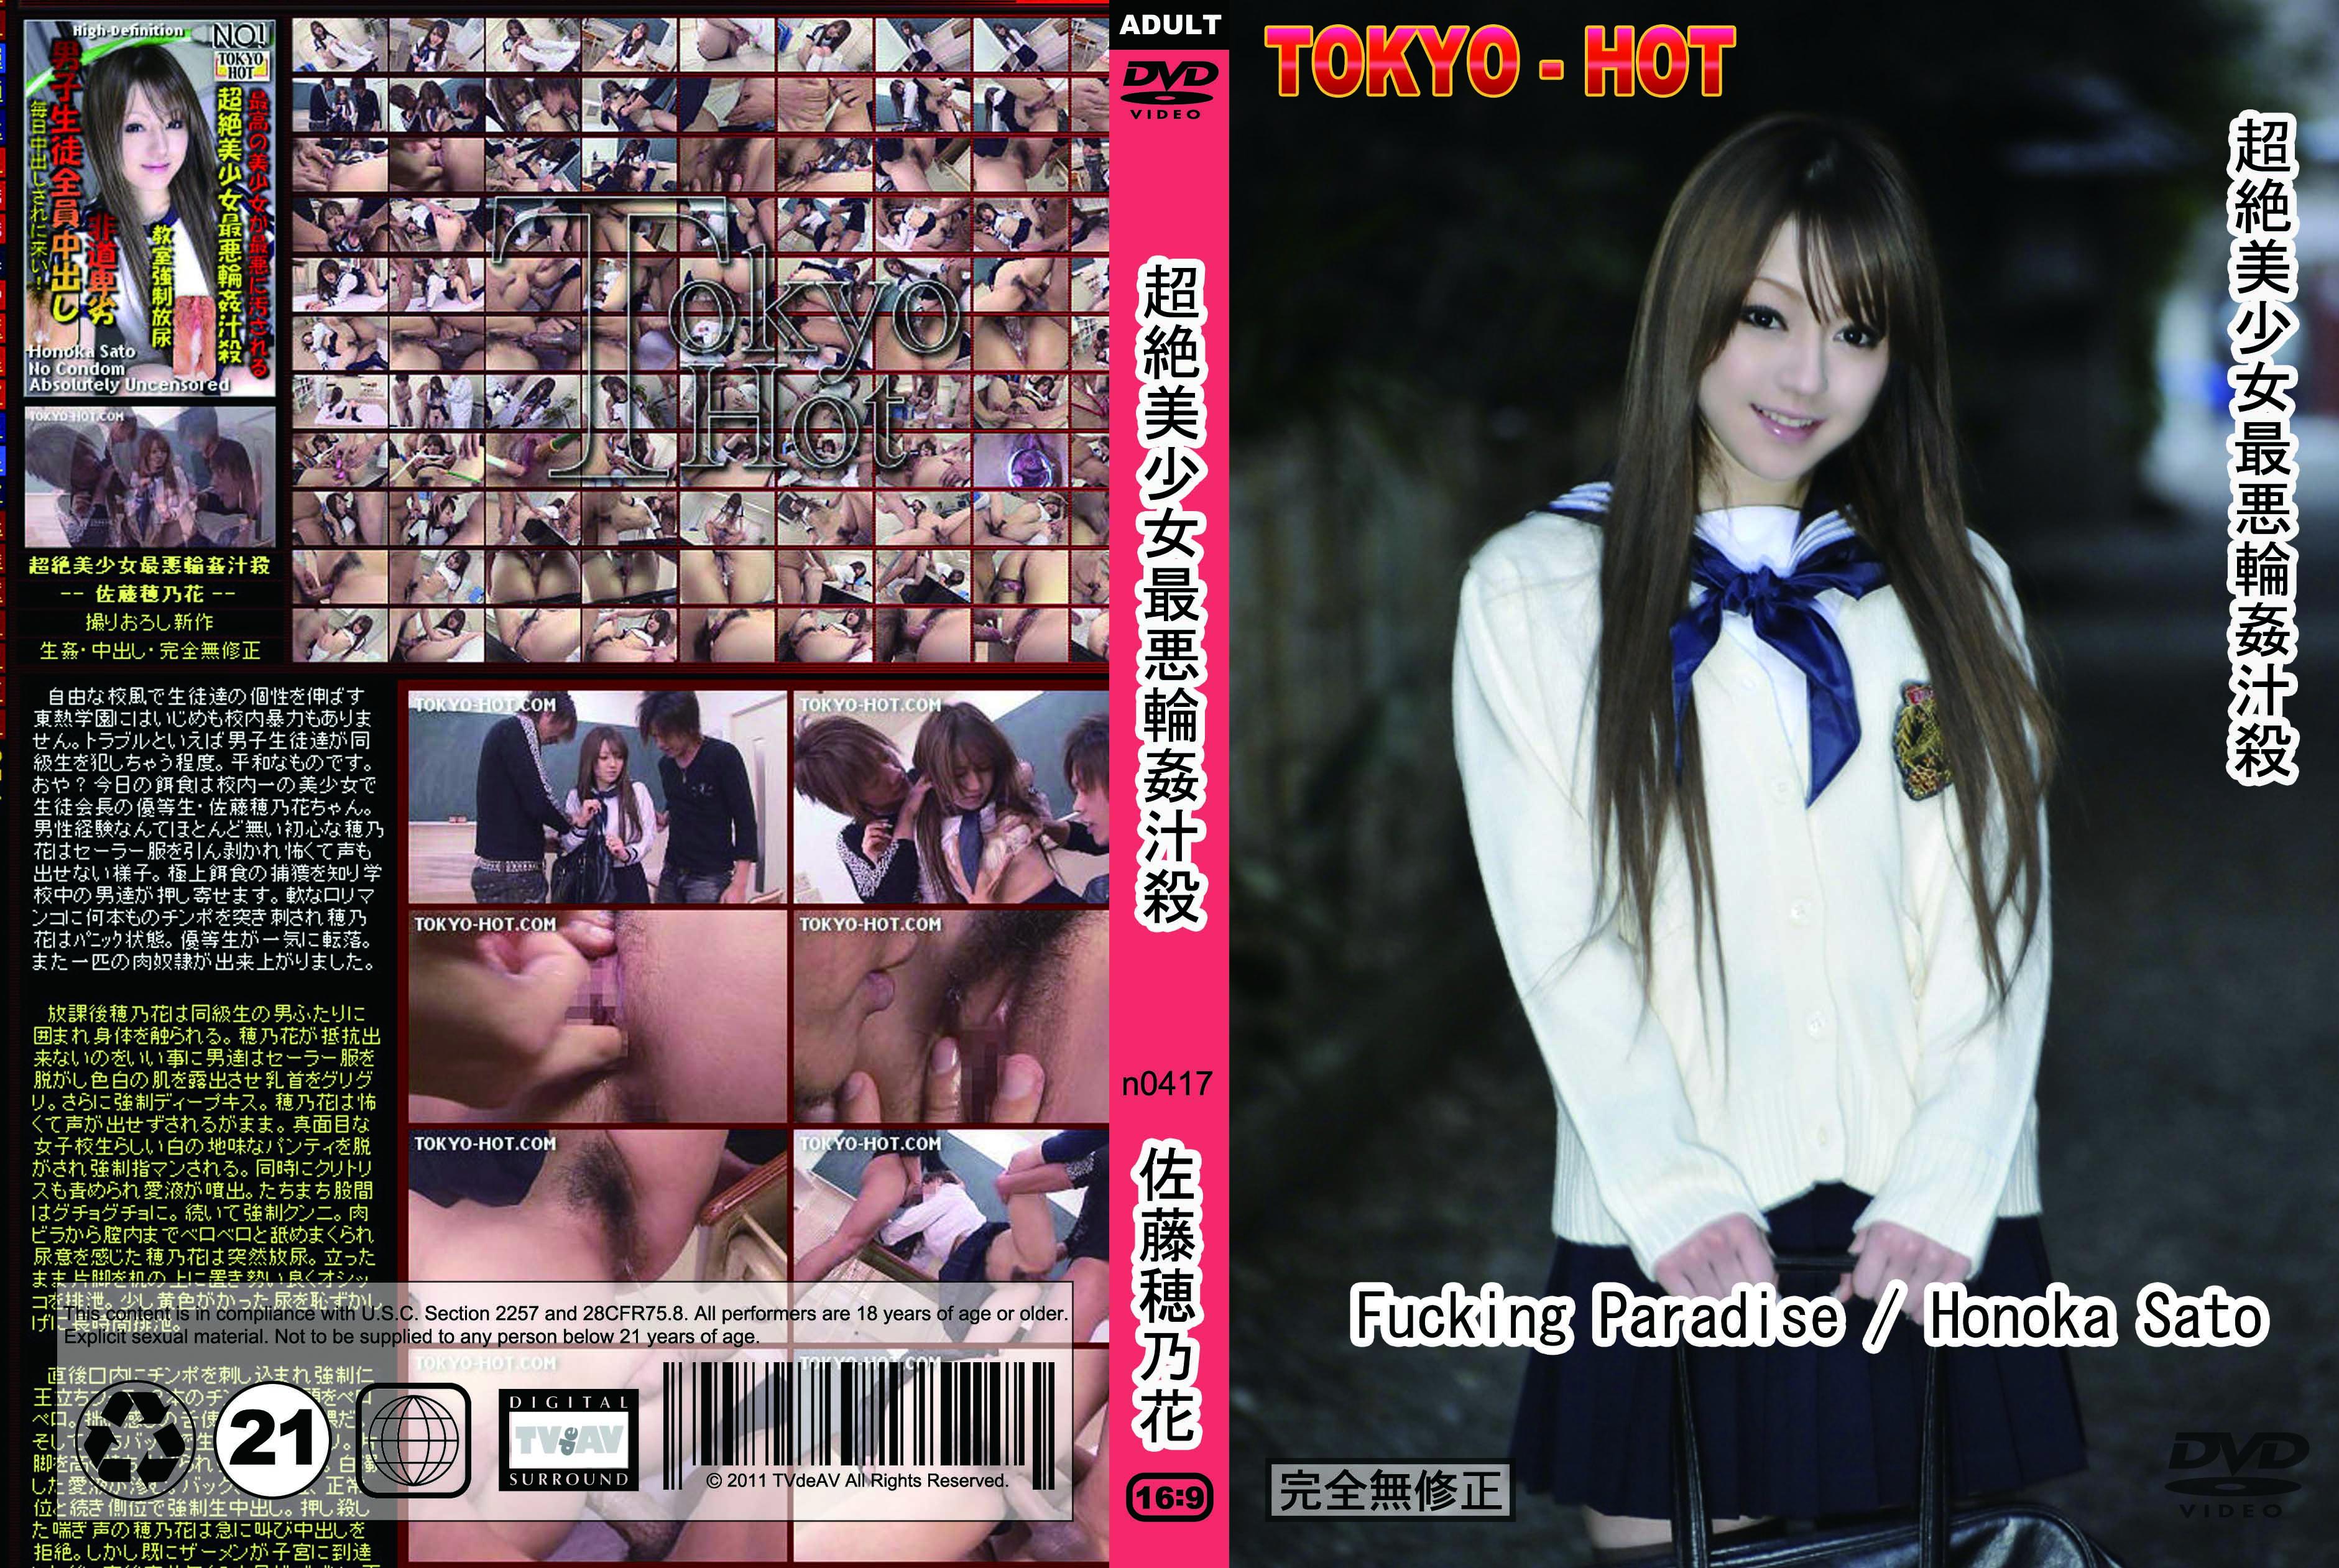 tokyo-hot-n0417-超絶美少女最悪輪カン汁殺